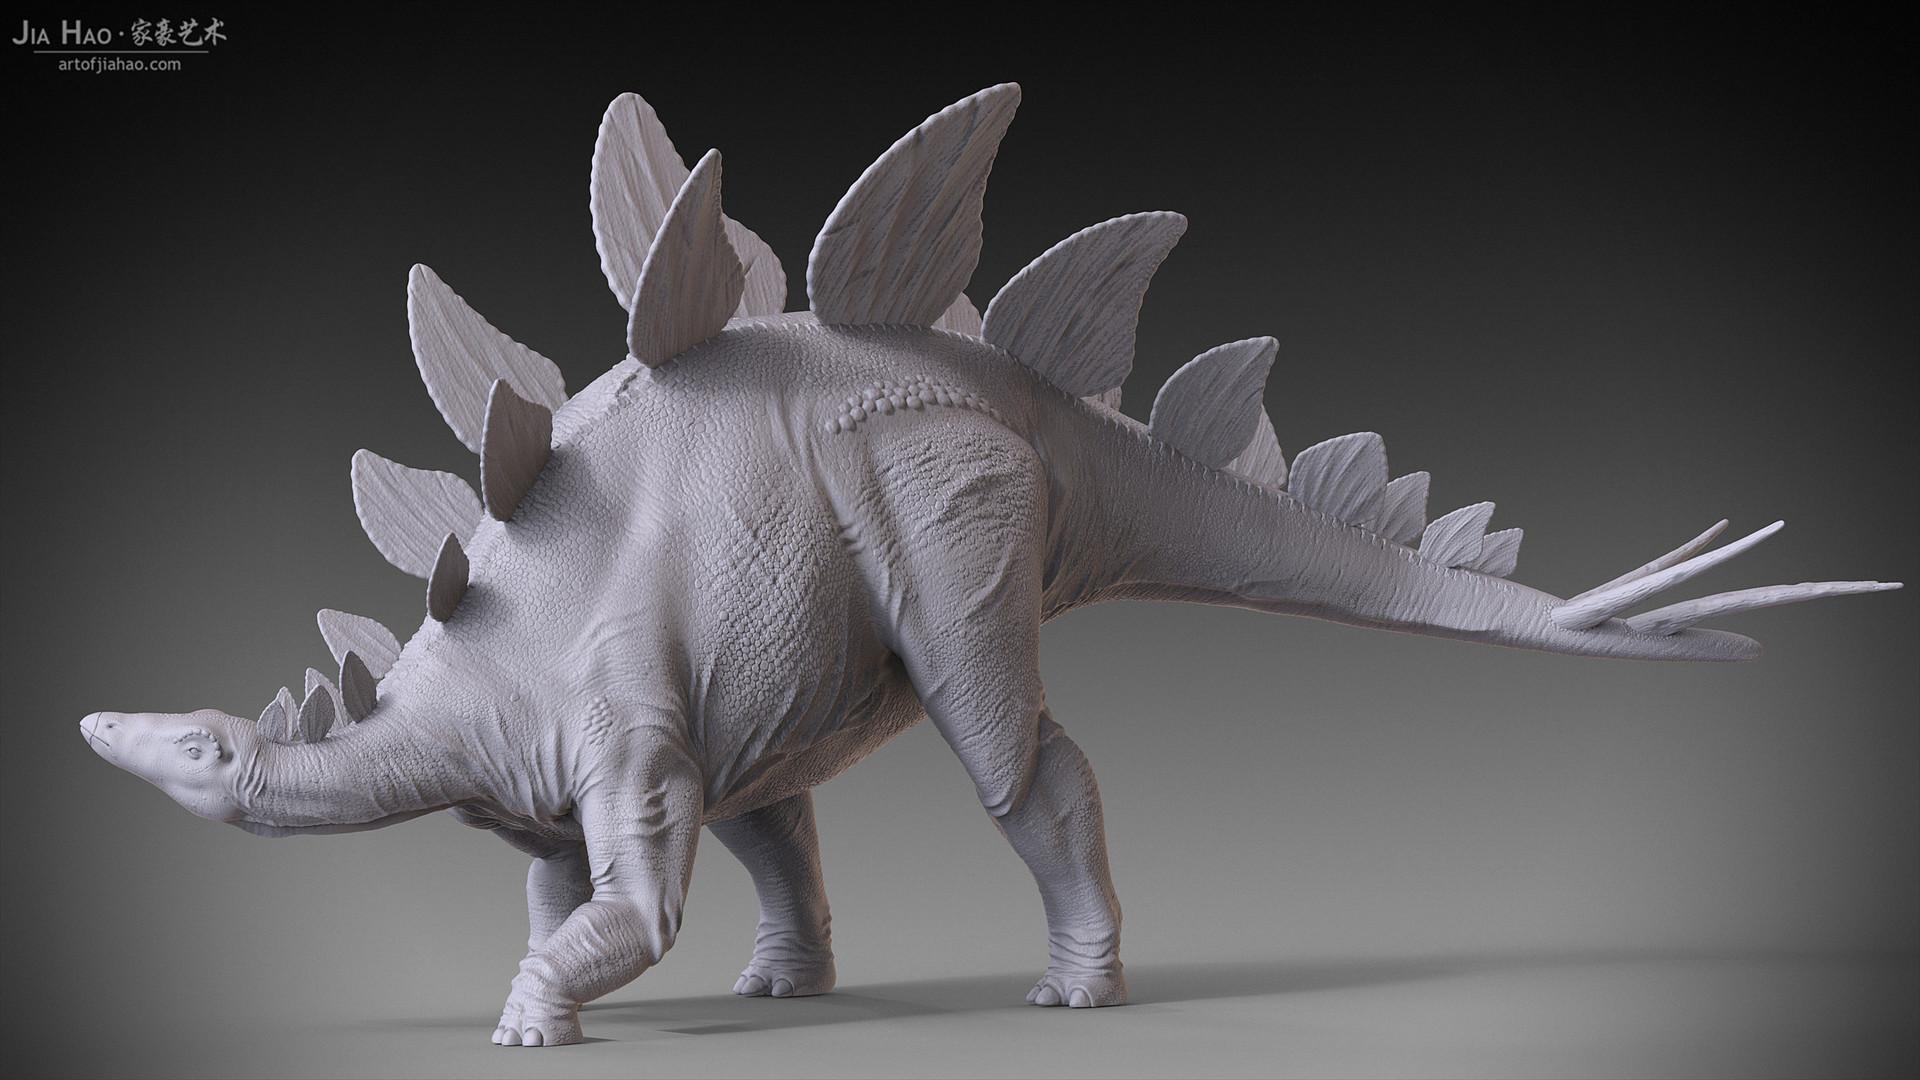 Jia hao stegosaurus 03